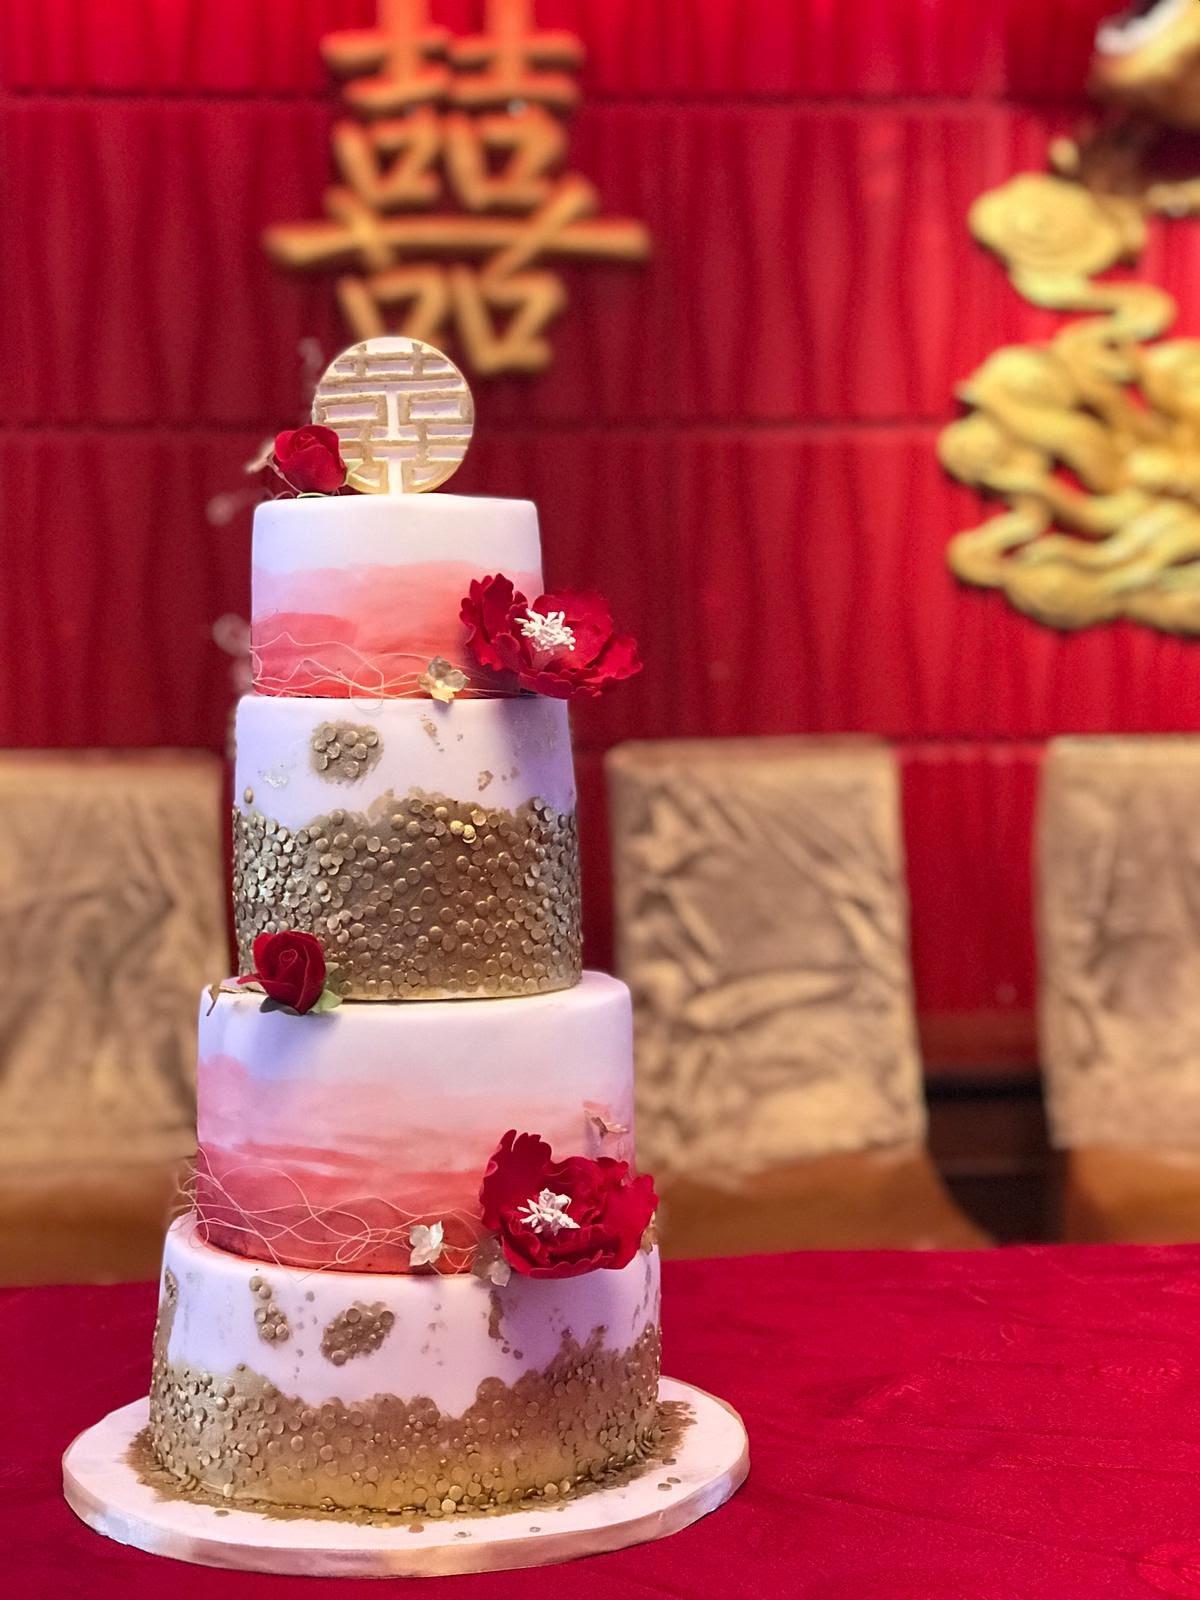 rood-met-goud-4-laagen-taart-met-chinese- geluk-symbol-en-suiker-bloemen